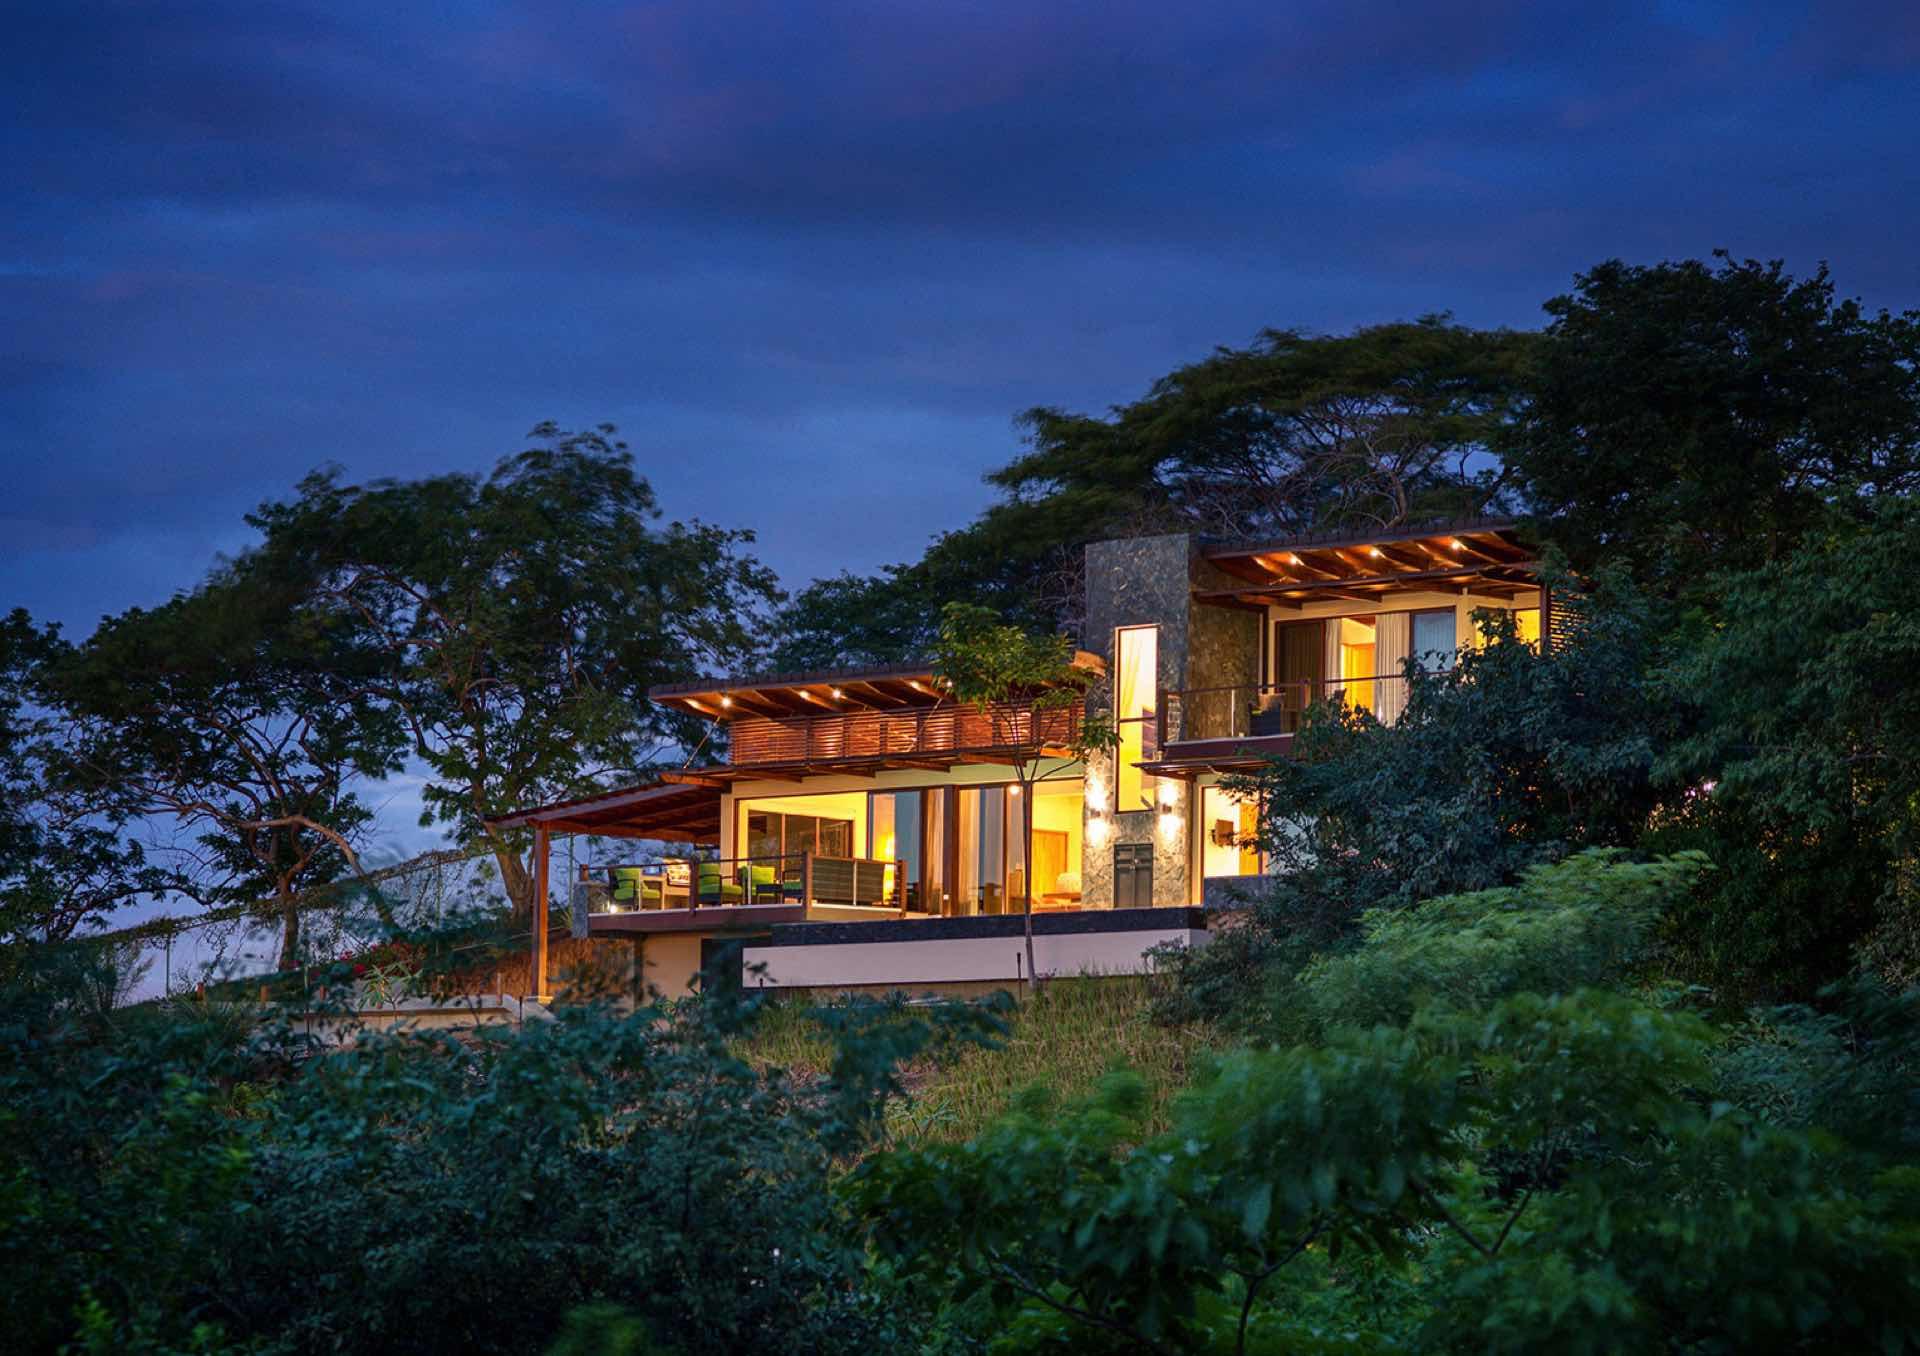 Casa Ventanas at dusk